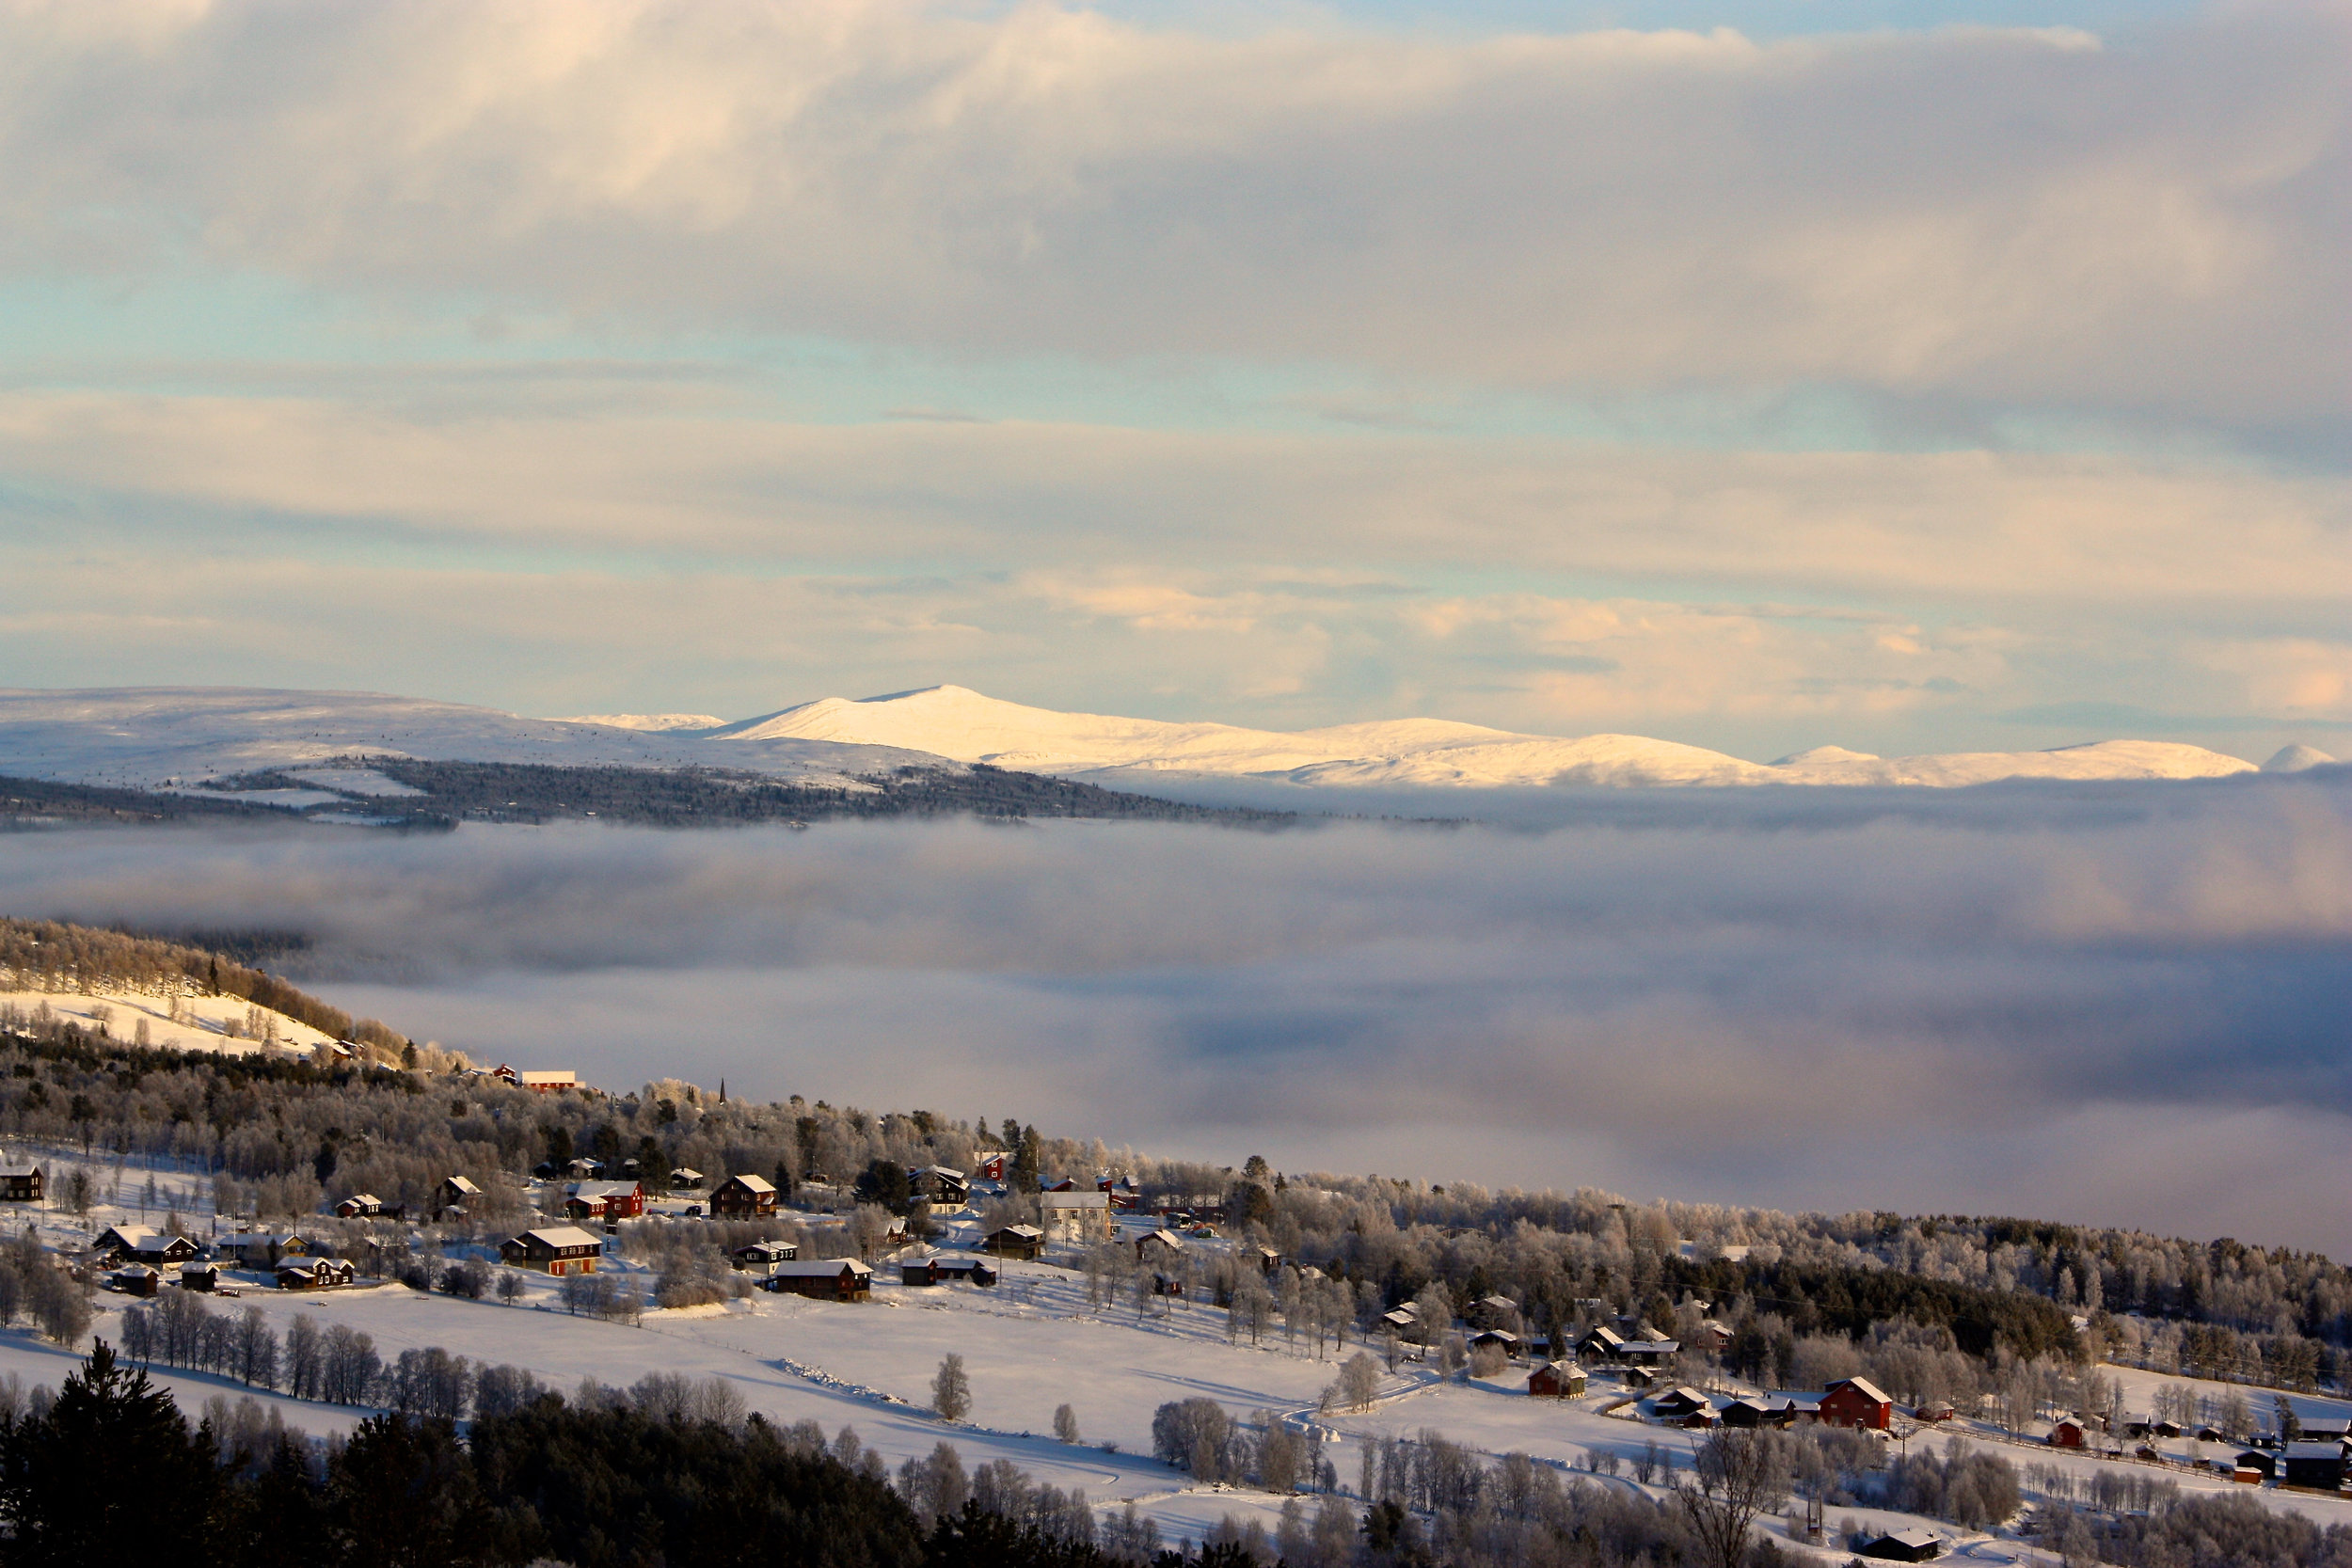 Foto: Tori Virik Nøvik